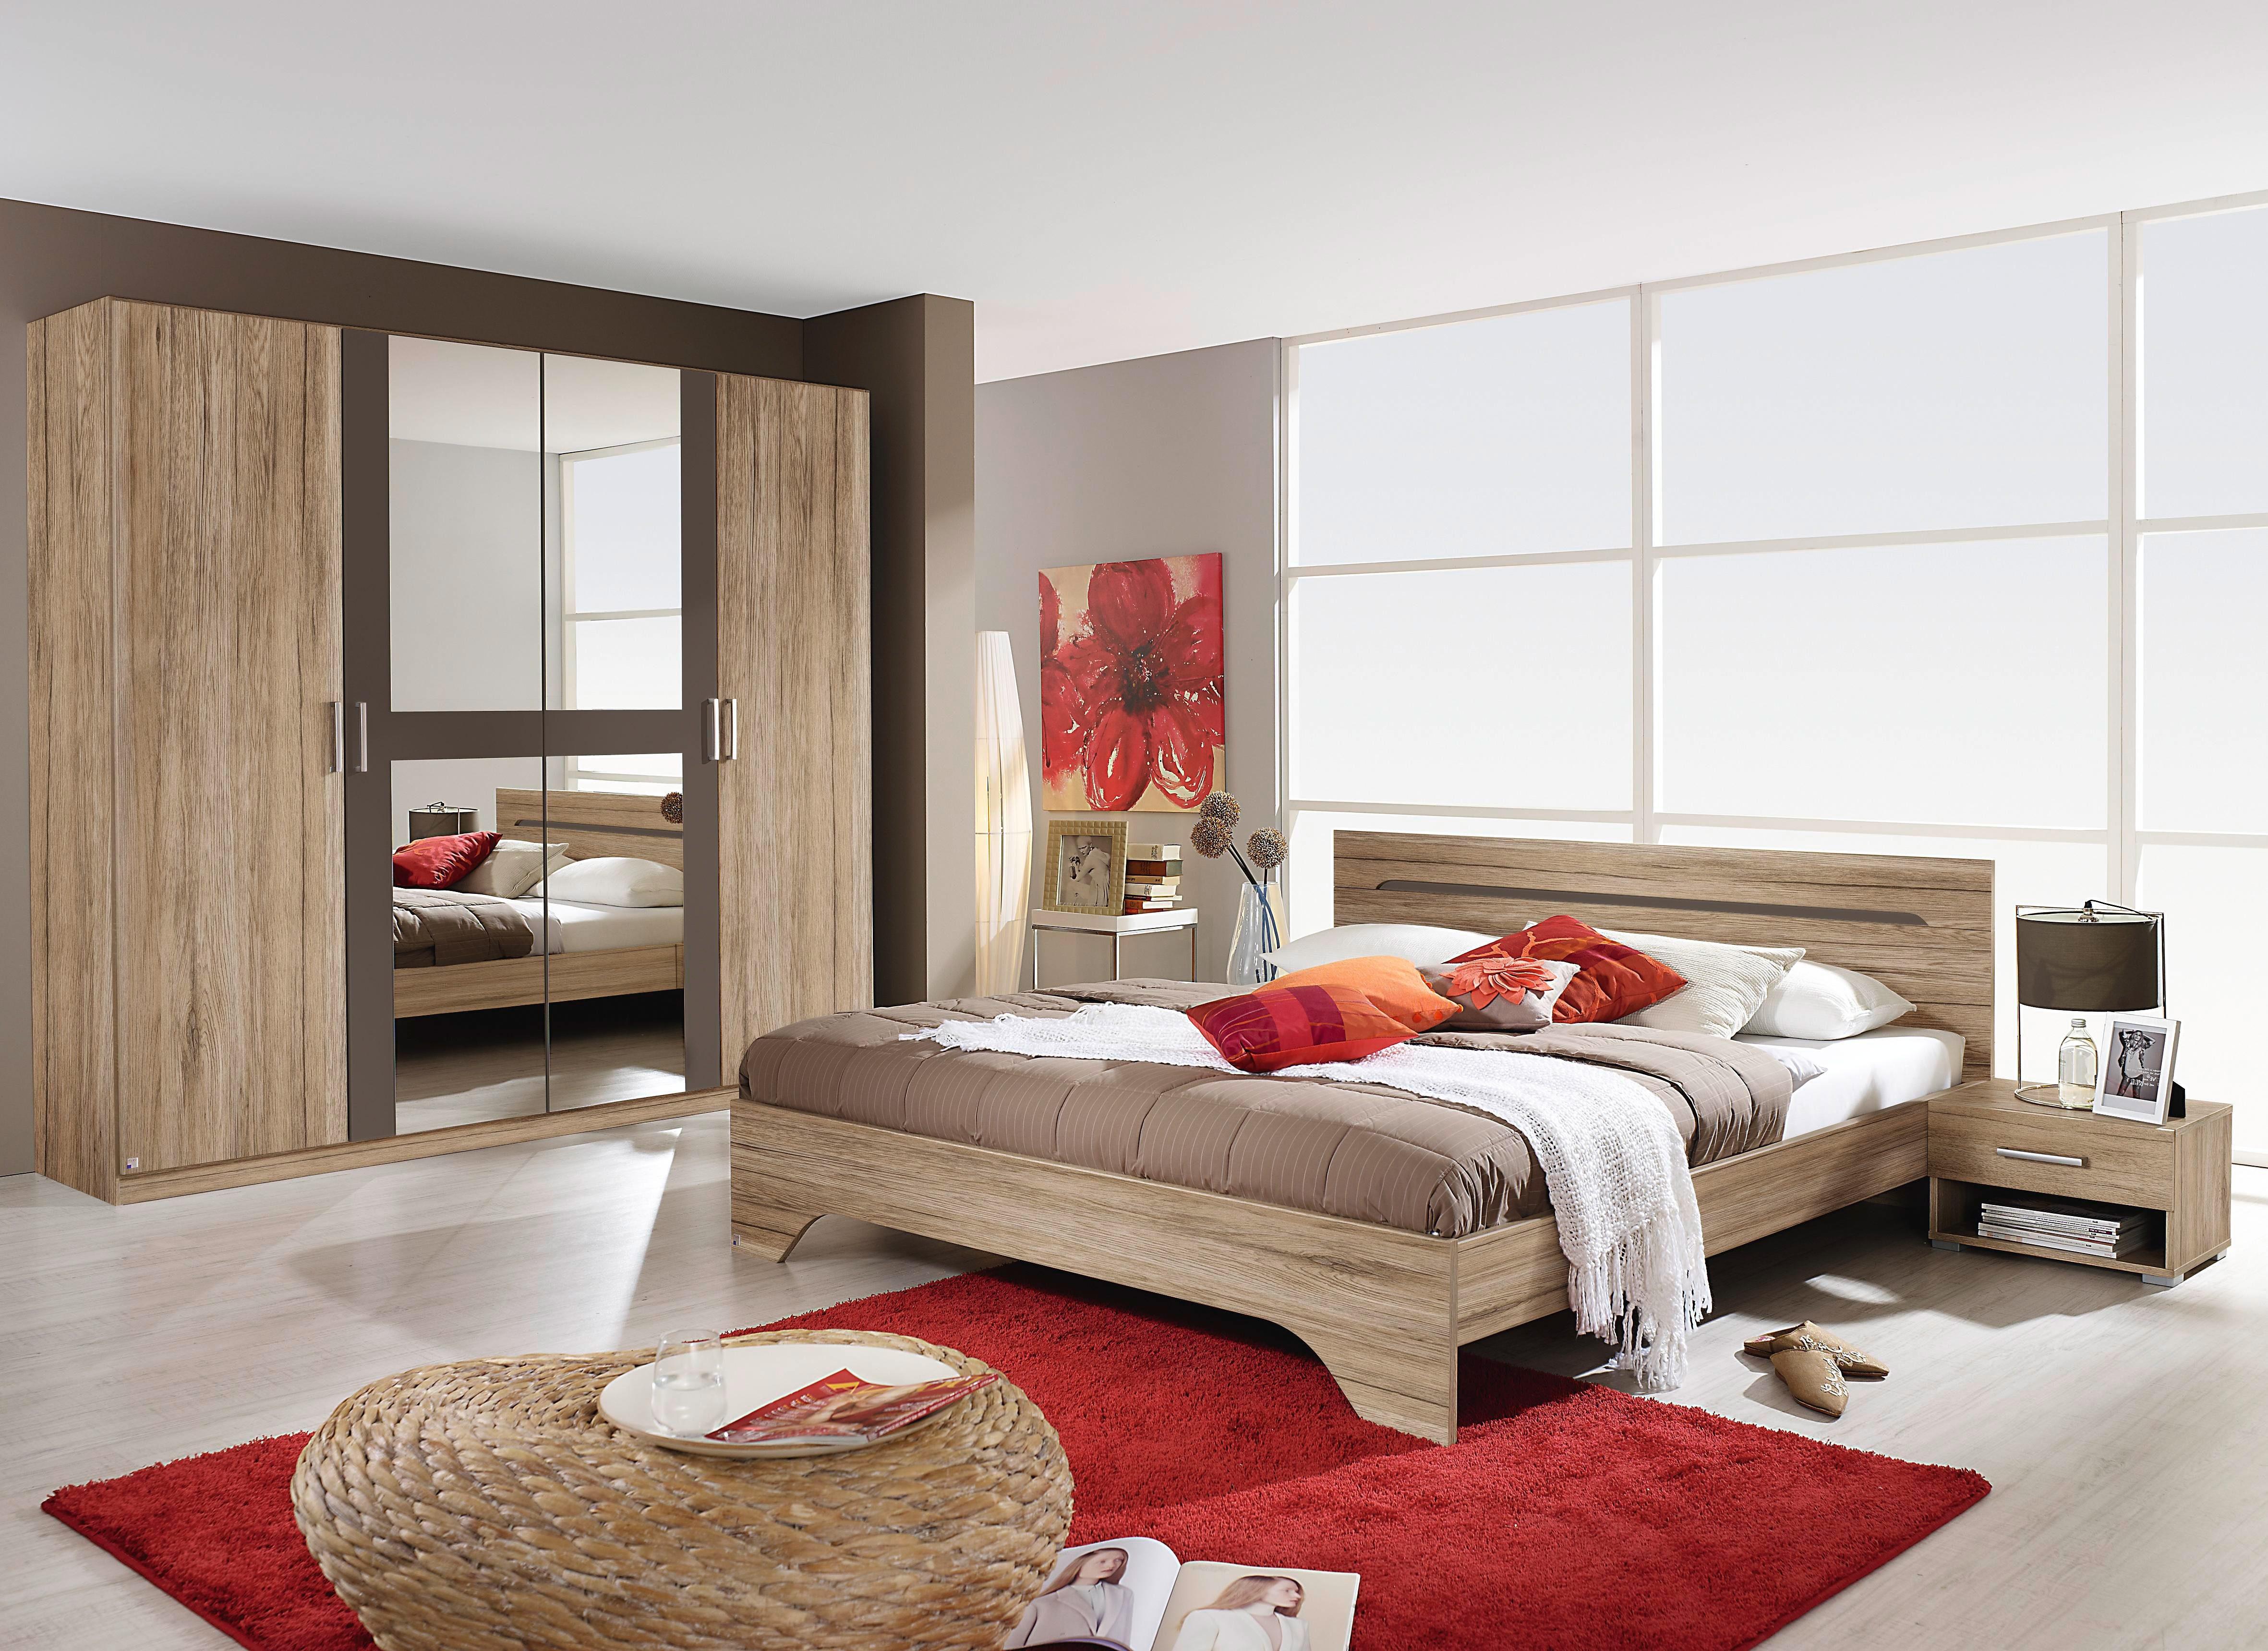 Slaapkamer Compleet Actie : Complete slaapkamer online bestellen dat doe je in onze shop otto